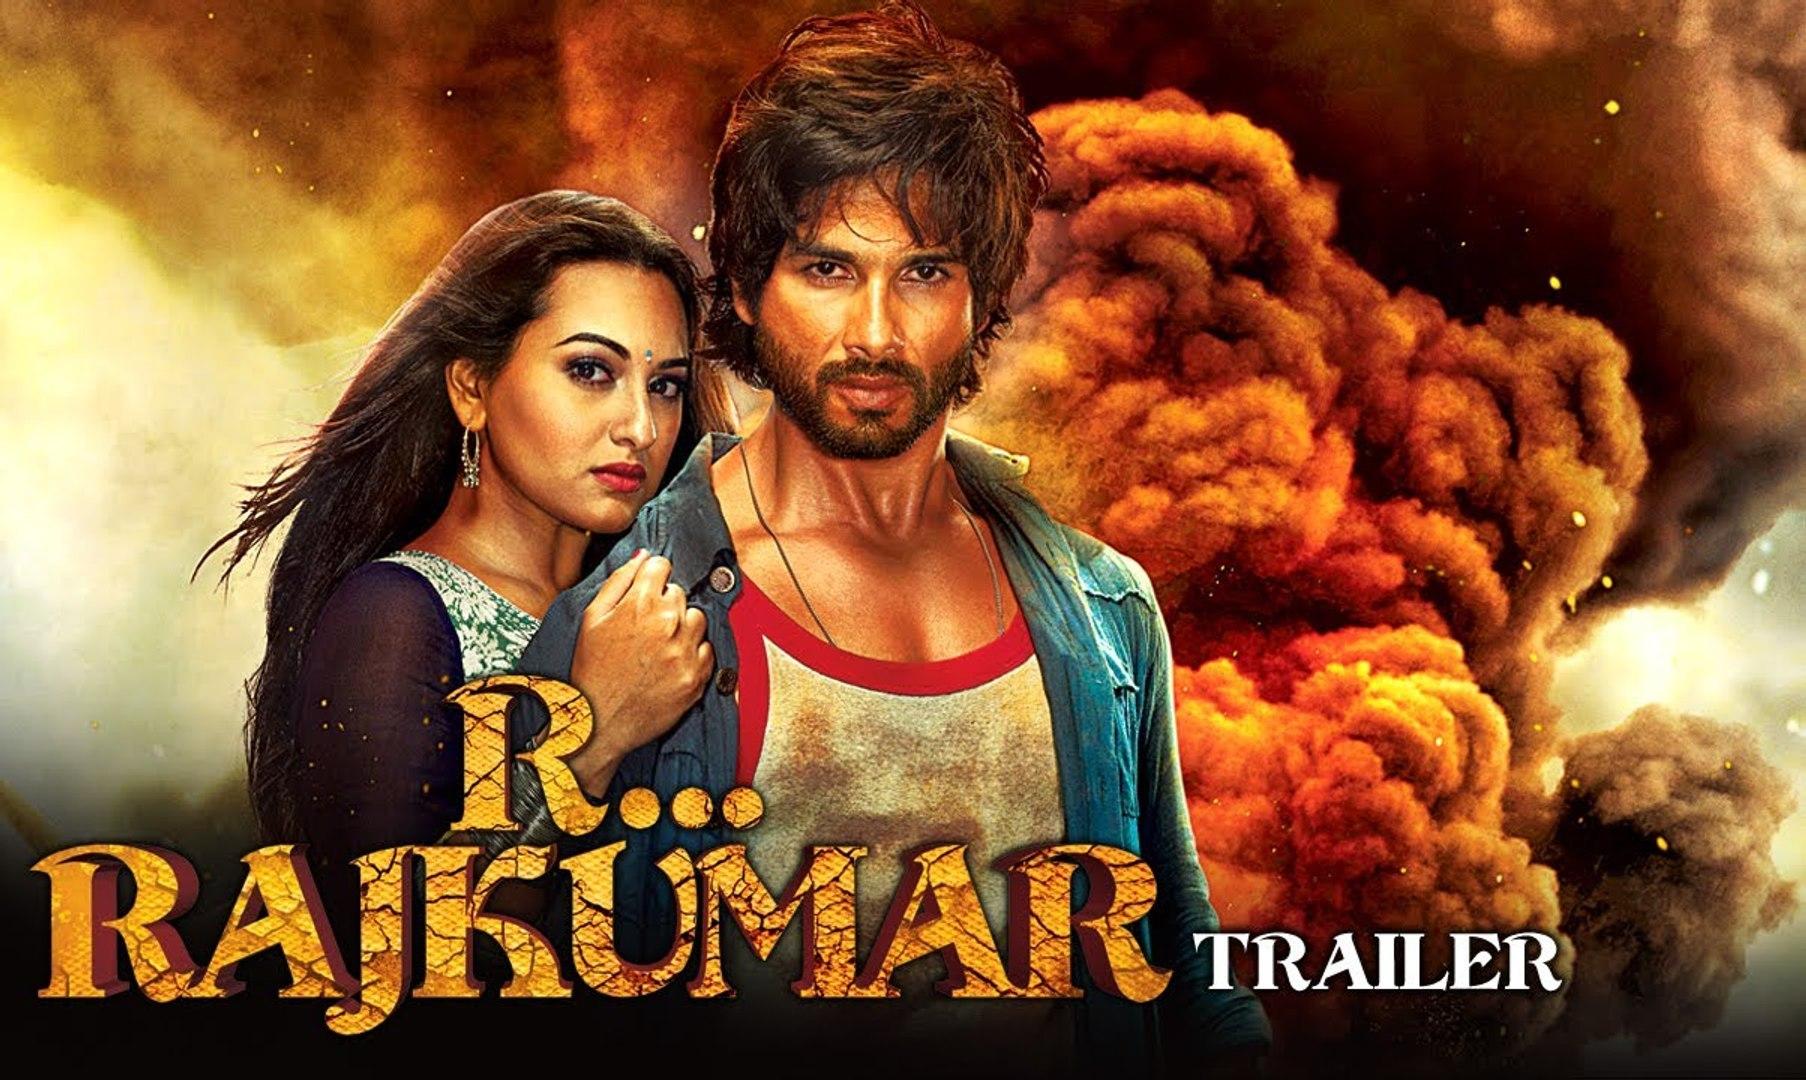 افلام هندية فلم الاكشن و الرومانسيةالاميرمدبلج كامل الجزء الثاني